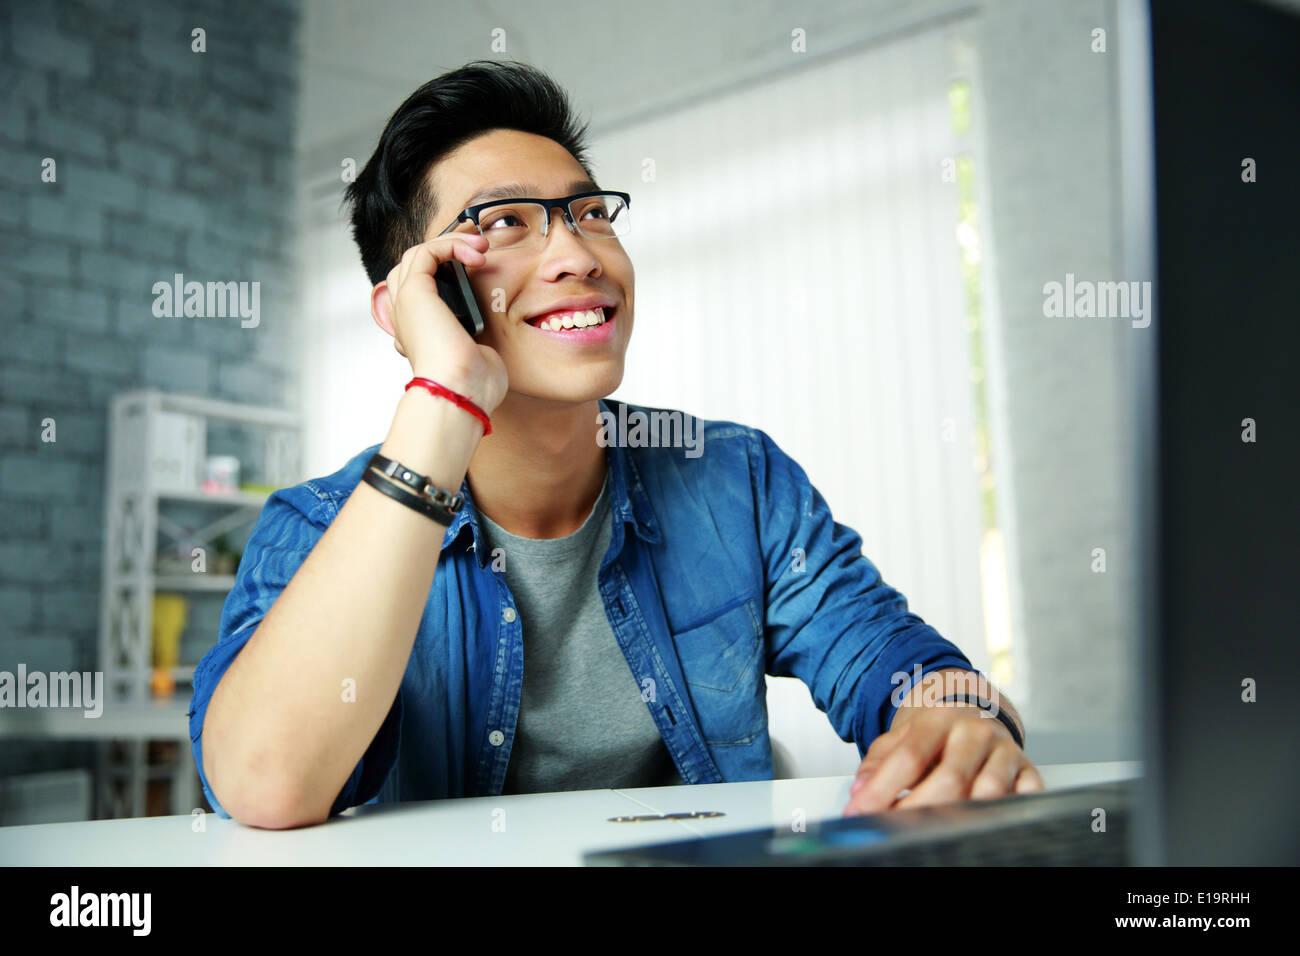 Junge asiatische glücklich an seinem Arbeitsplatz im Büro telefonieren Stockbild